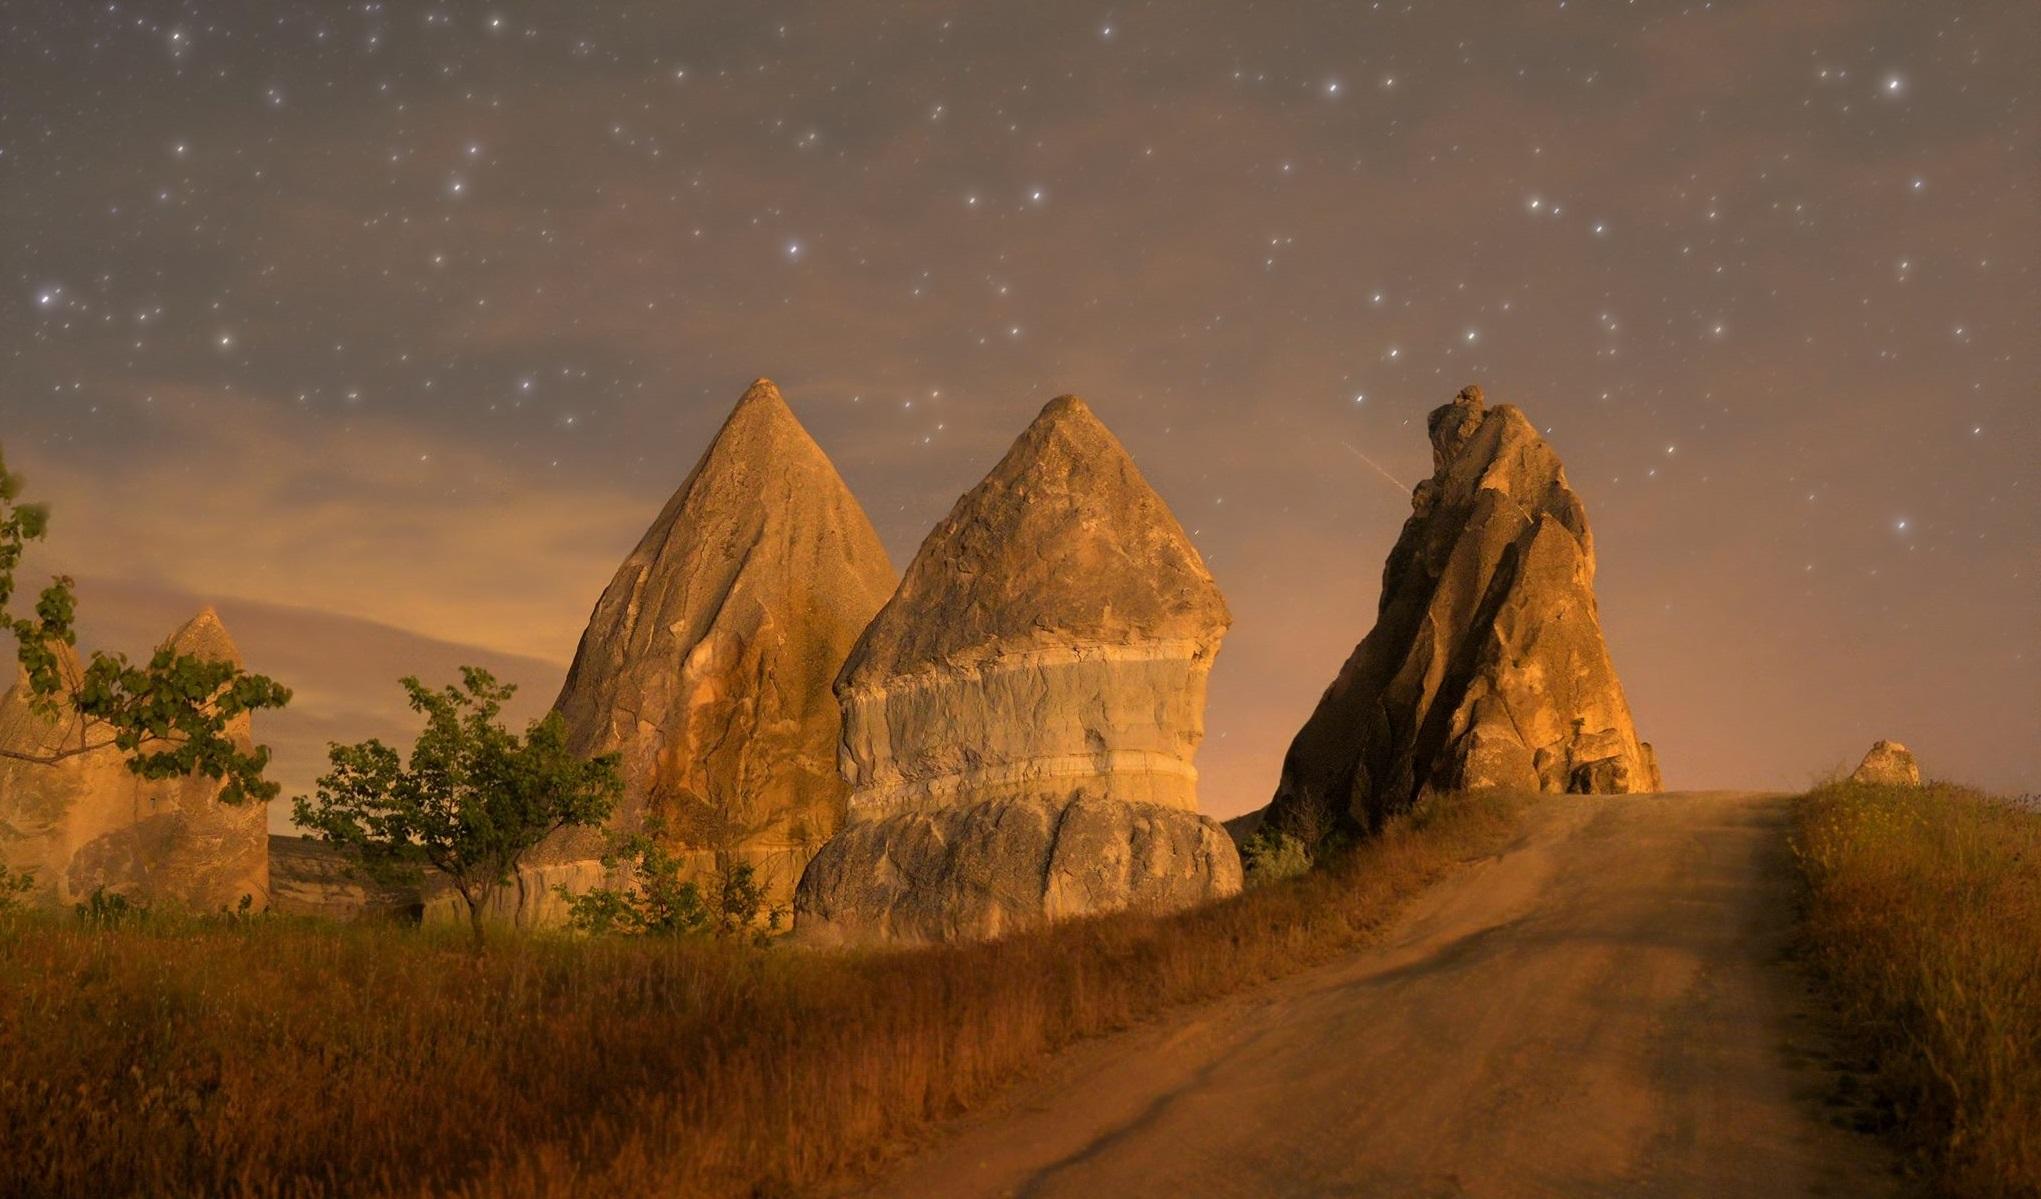 yıldızlarla yürü